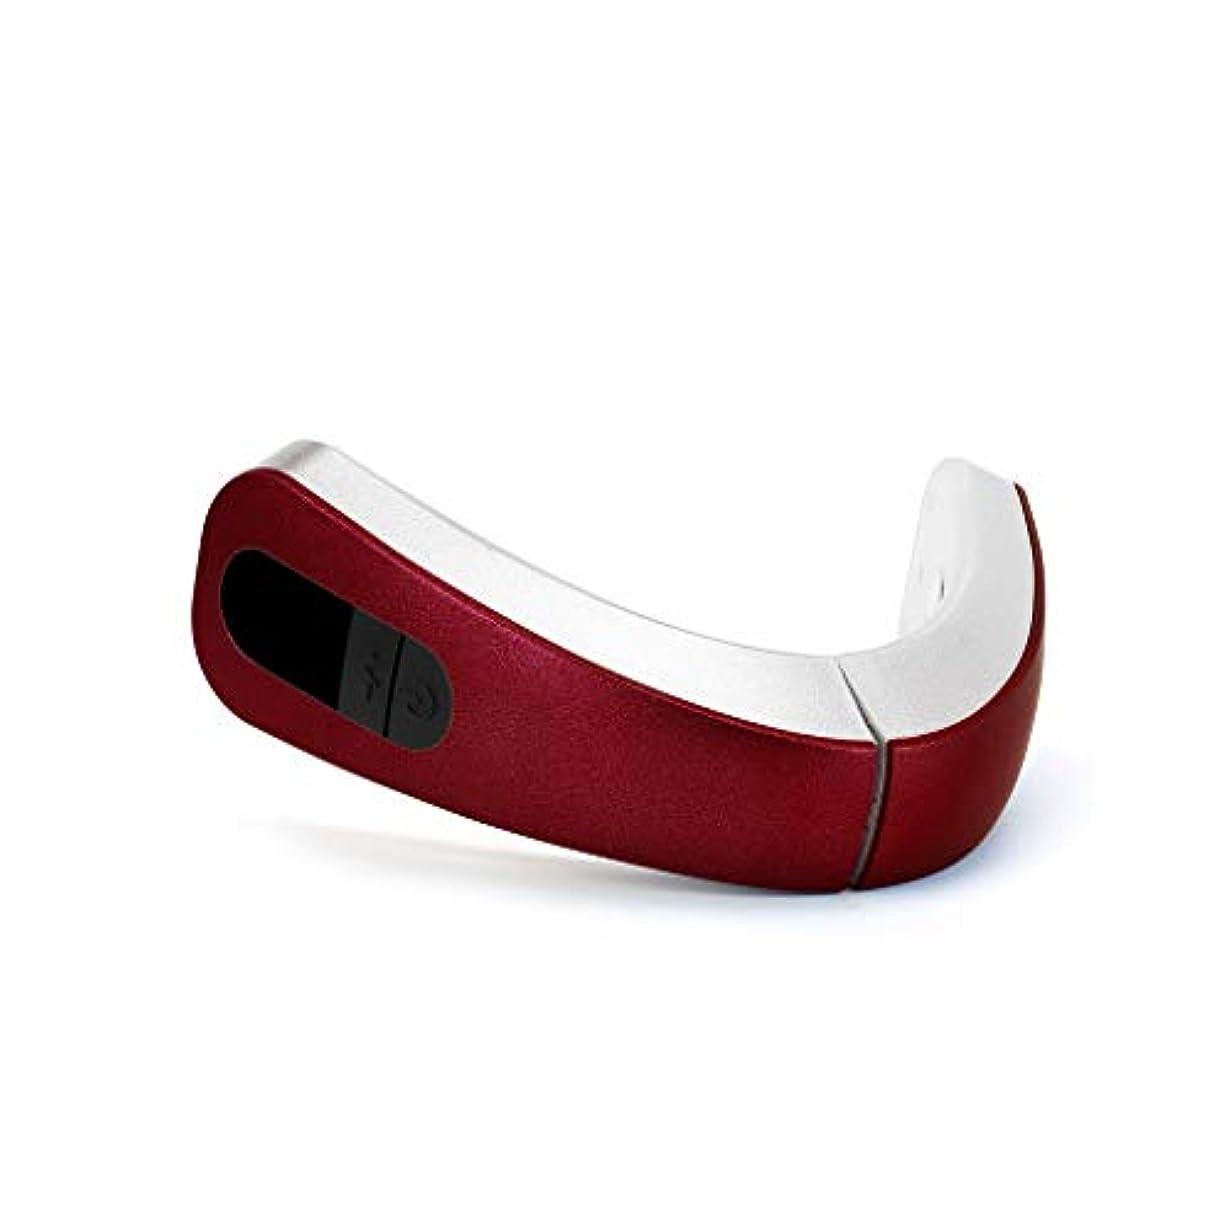 連鎖西部カートリッジリフティングフェイシャル、電気マッサージ美容器具、リフティングファーミングファットディゾルビングシンフェイスシンダブルチンシンフェイス、4つのマッサージモードがあります (Color : Red)